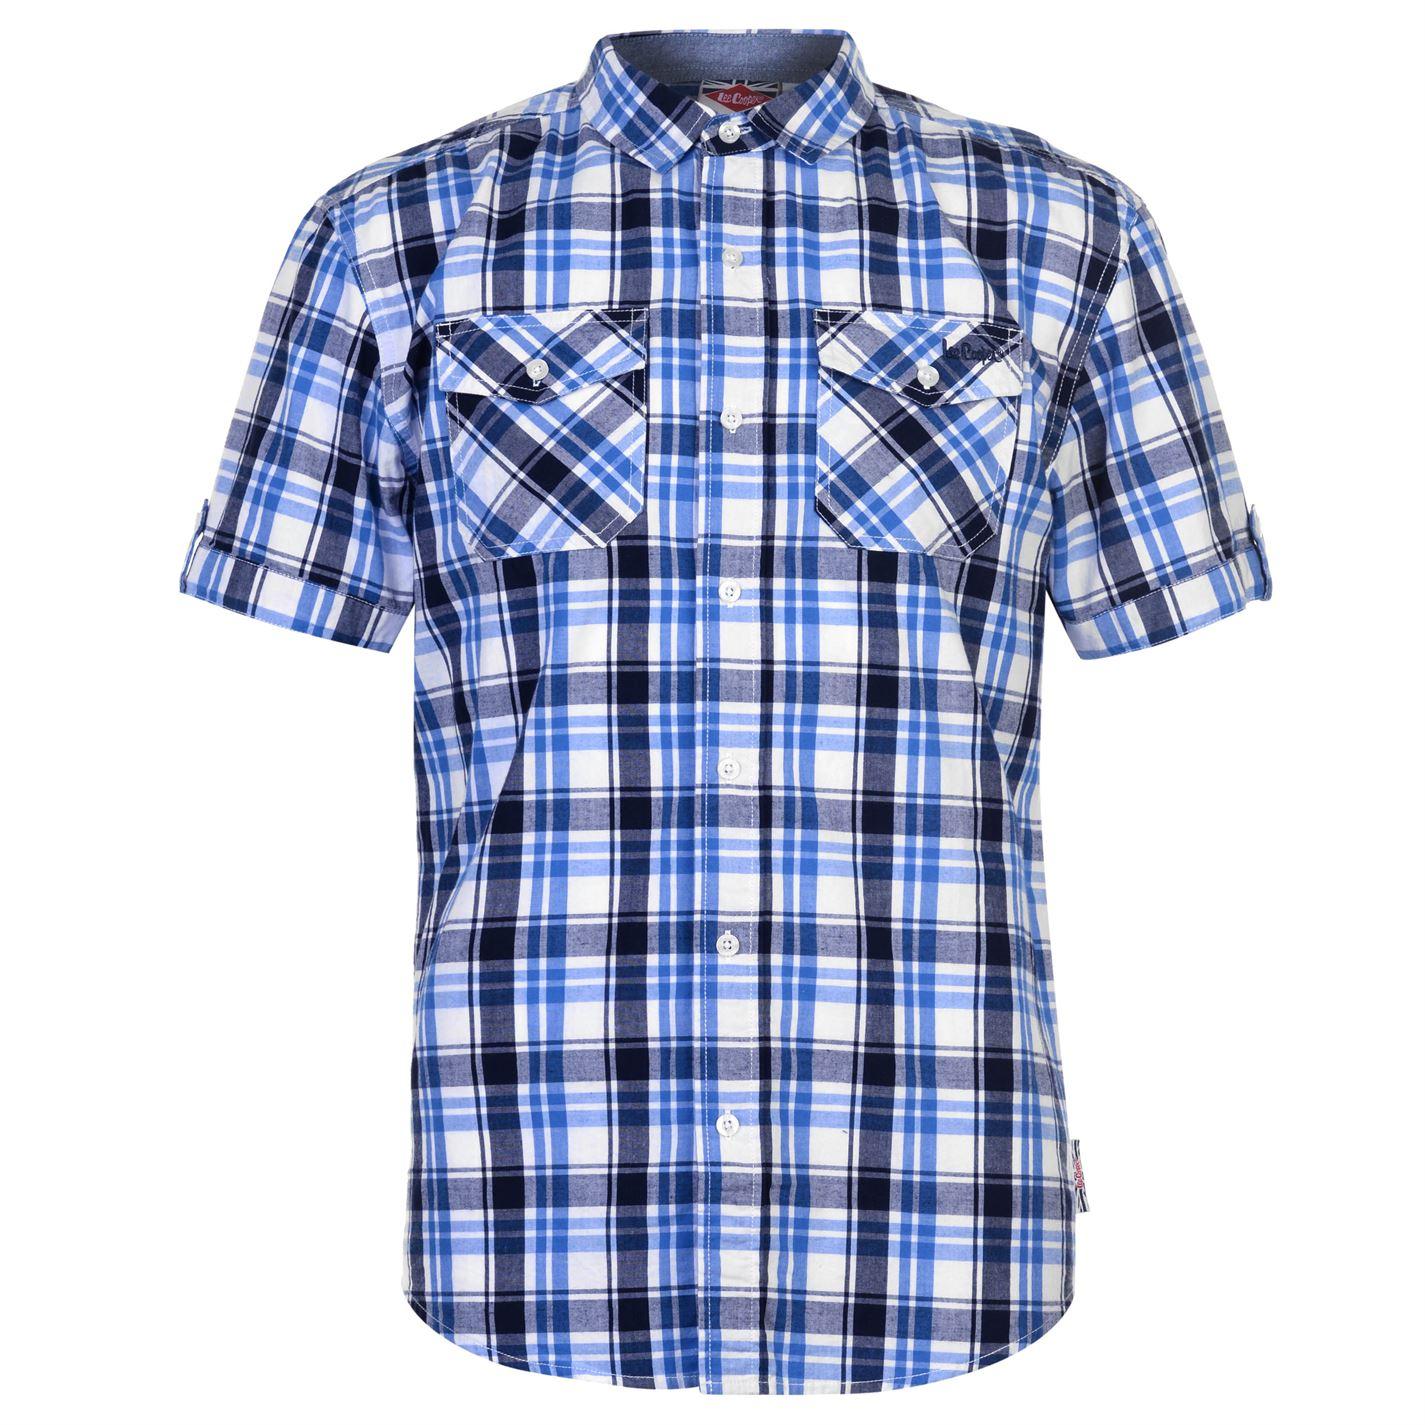 Lee Cooper SS Check Pánská košile 55721538 SD_Large